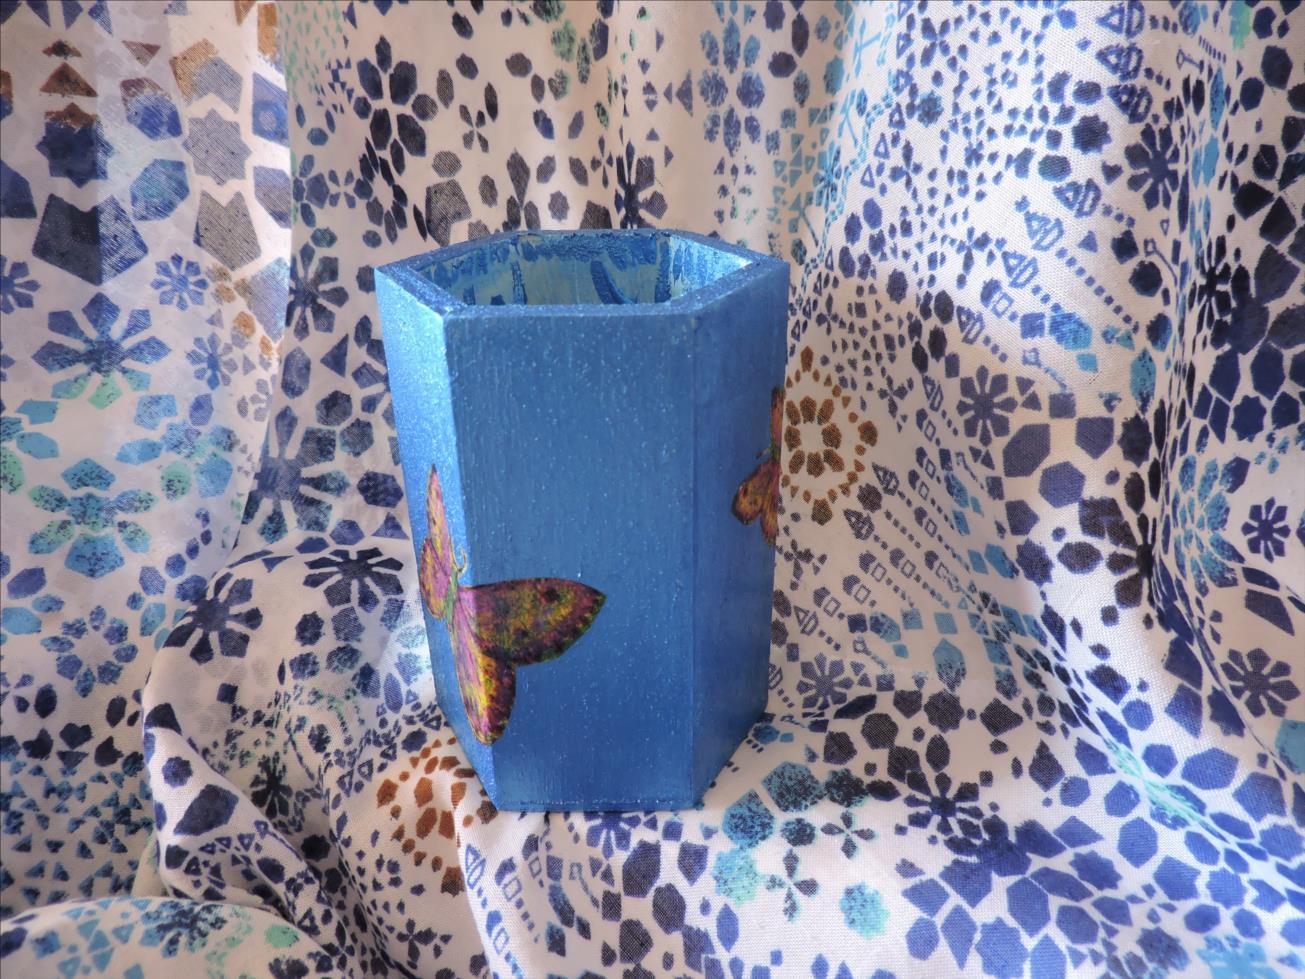 POTS à CRAYONS BLEU (papillons)  bois - Dim 10x6,5 DSCN3011